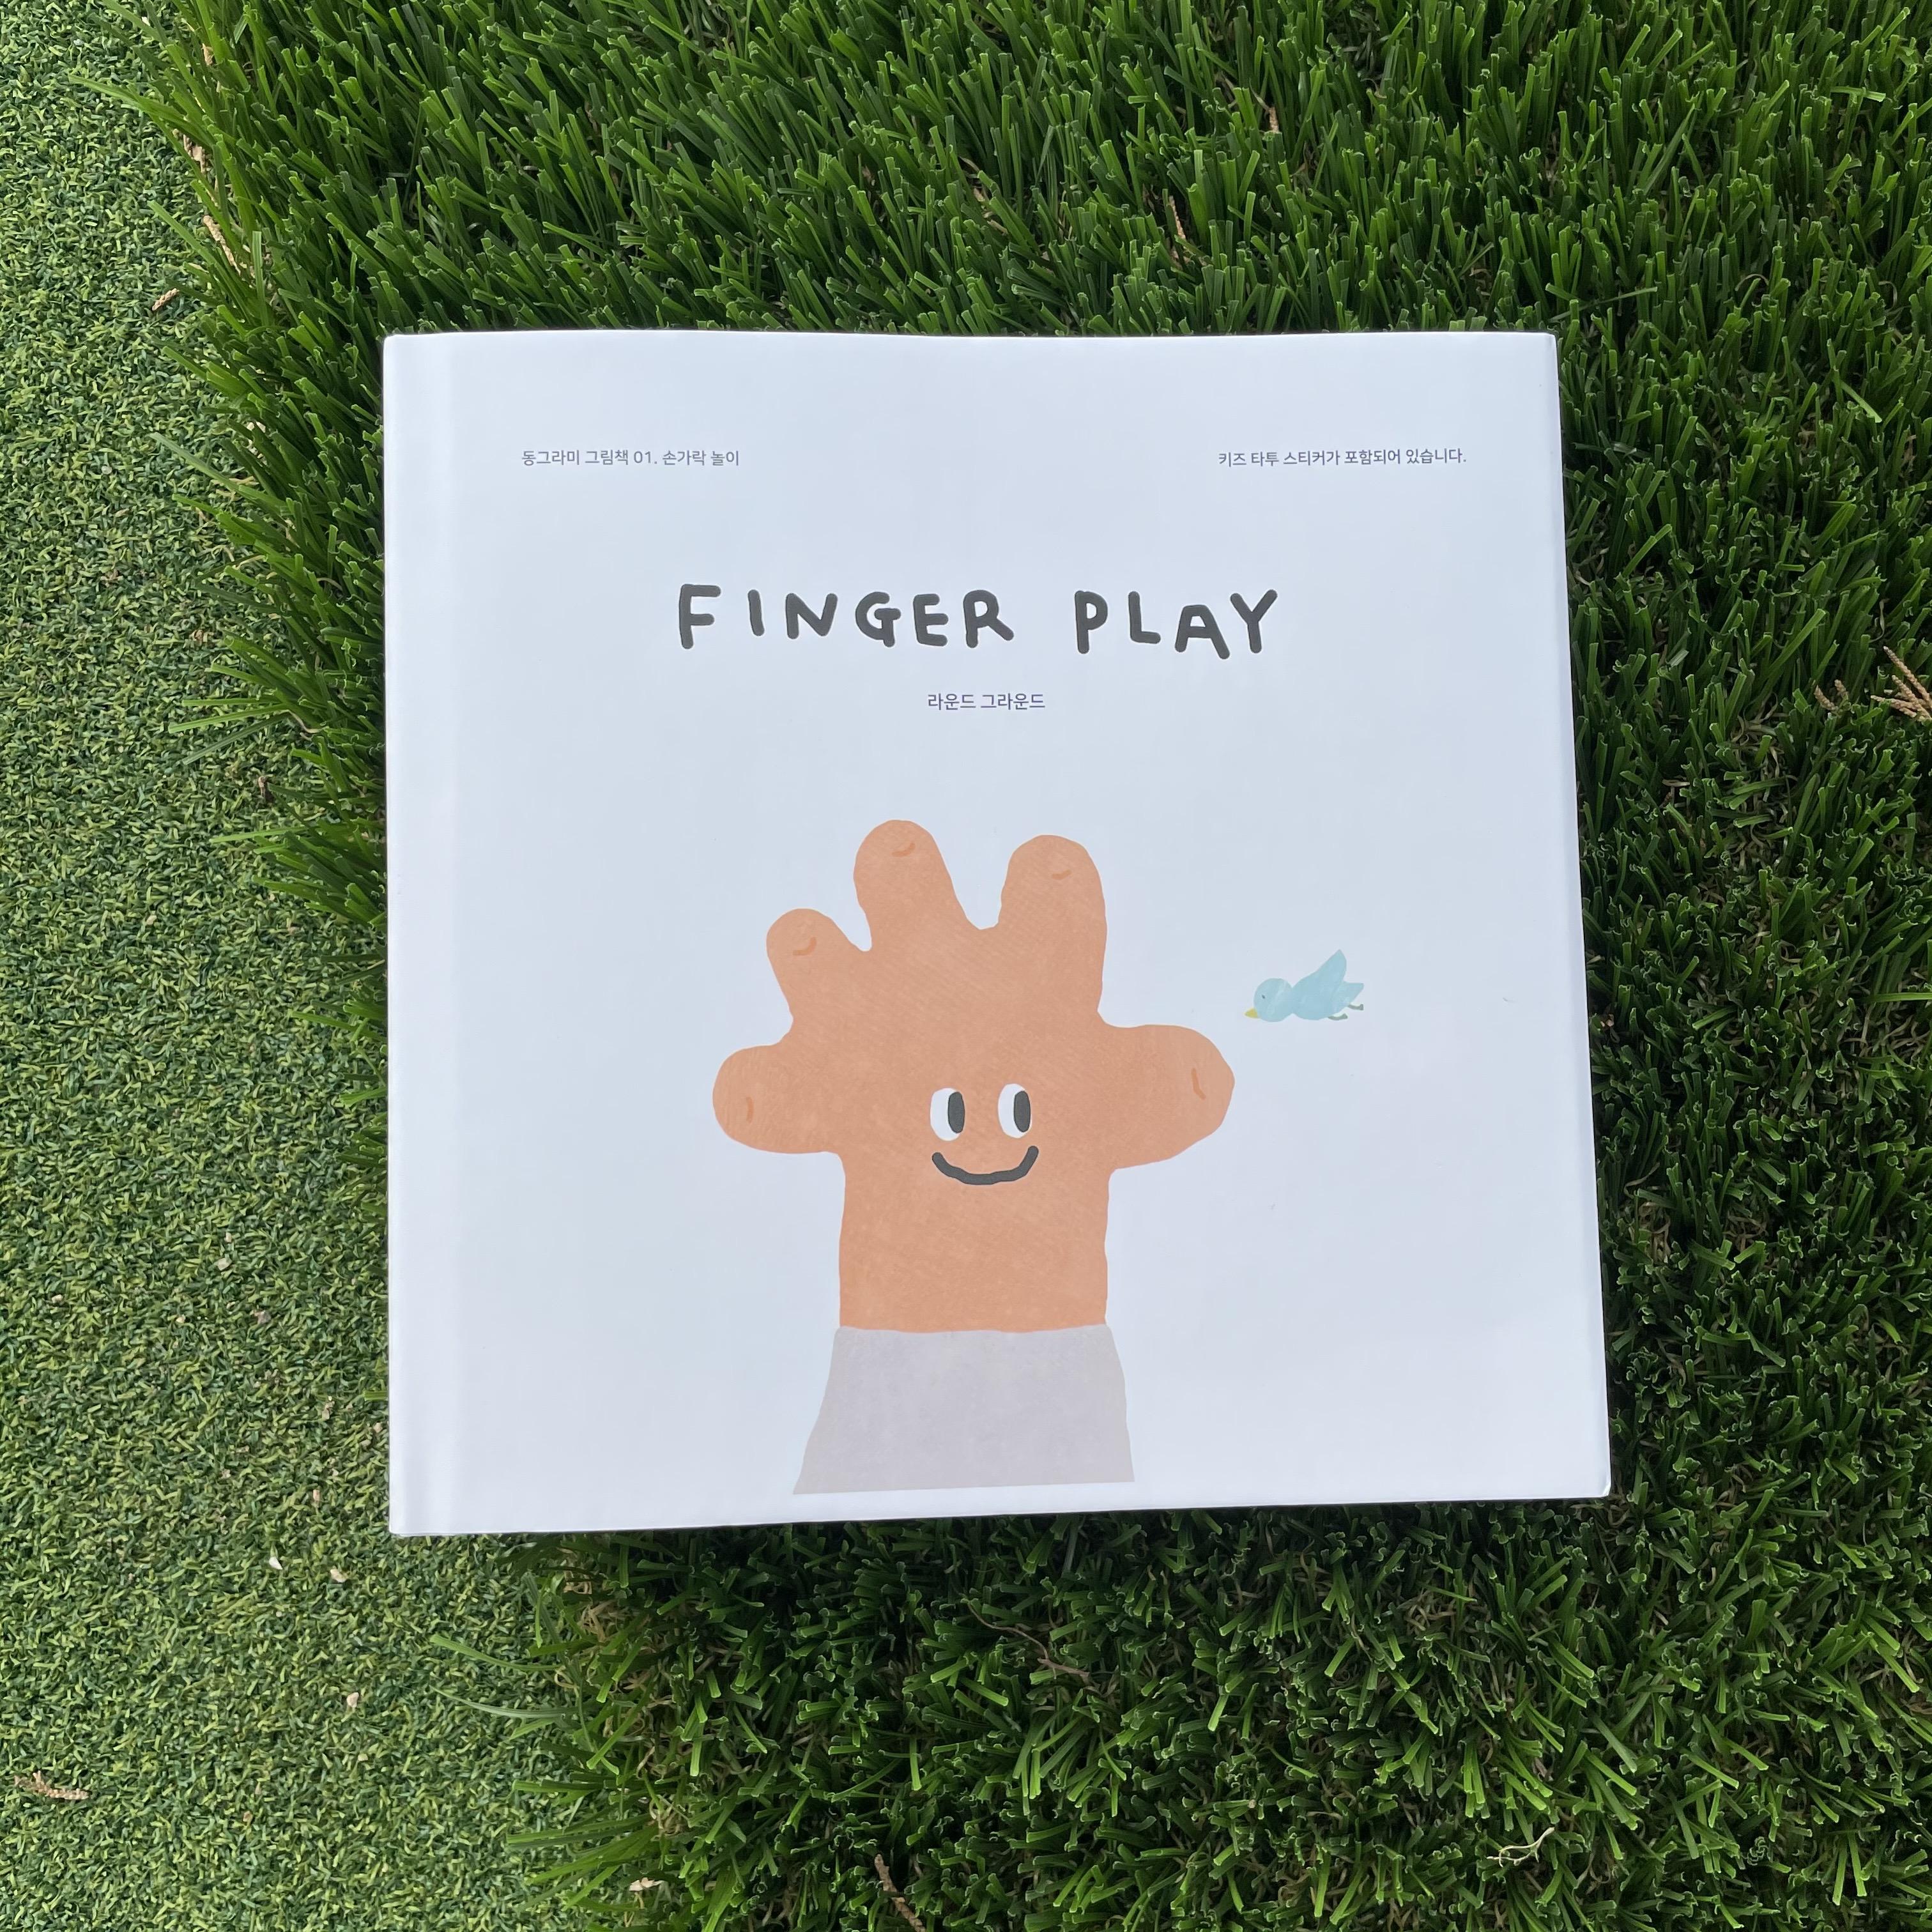 Round Ground - Finger Play